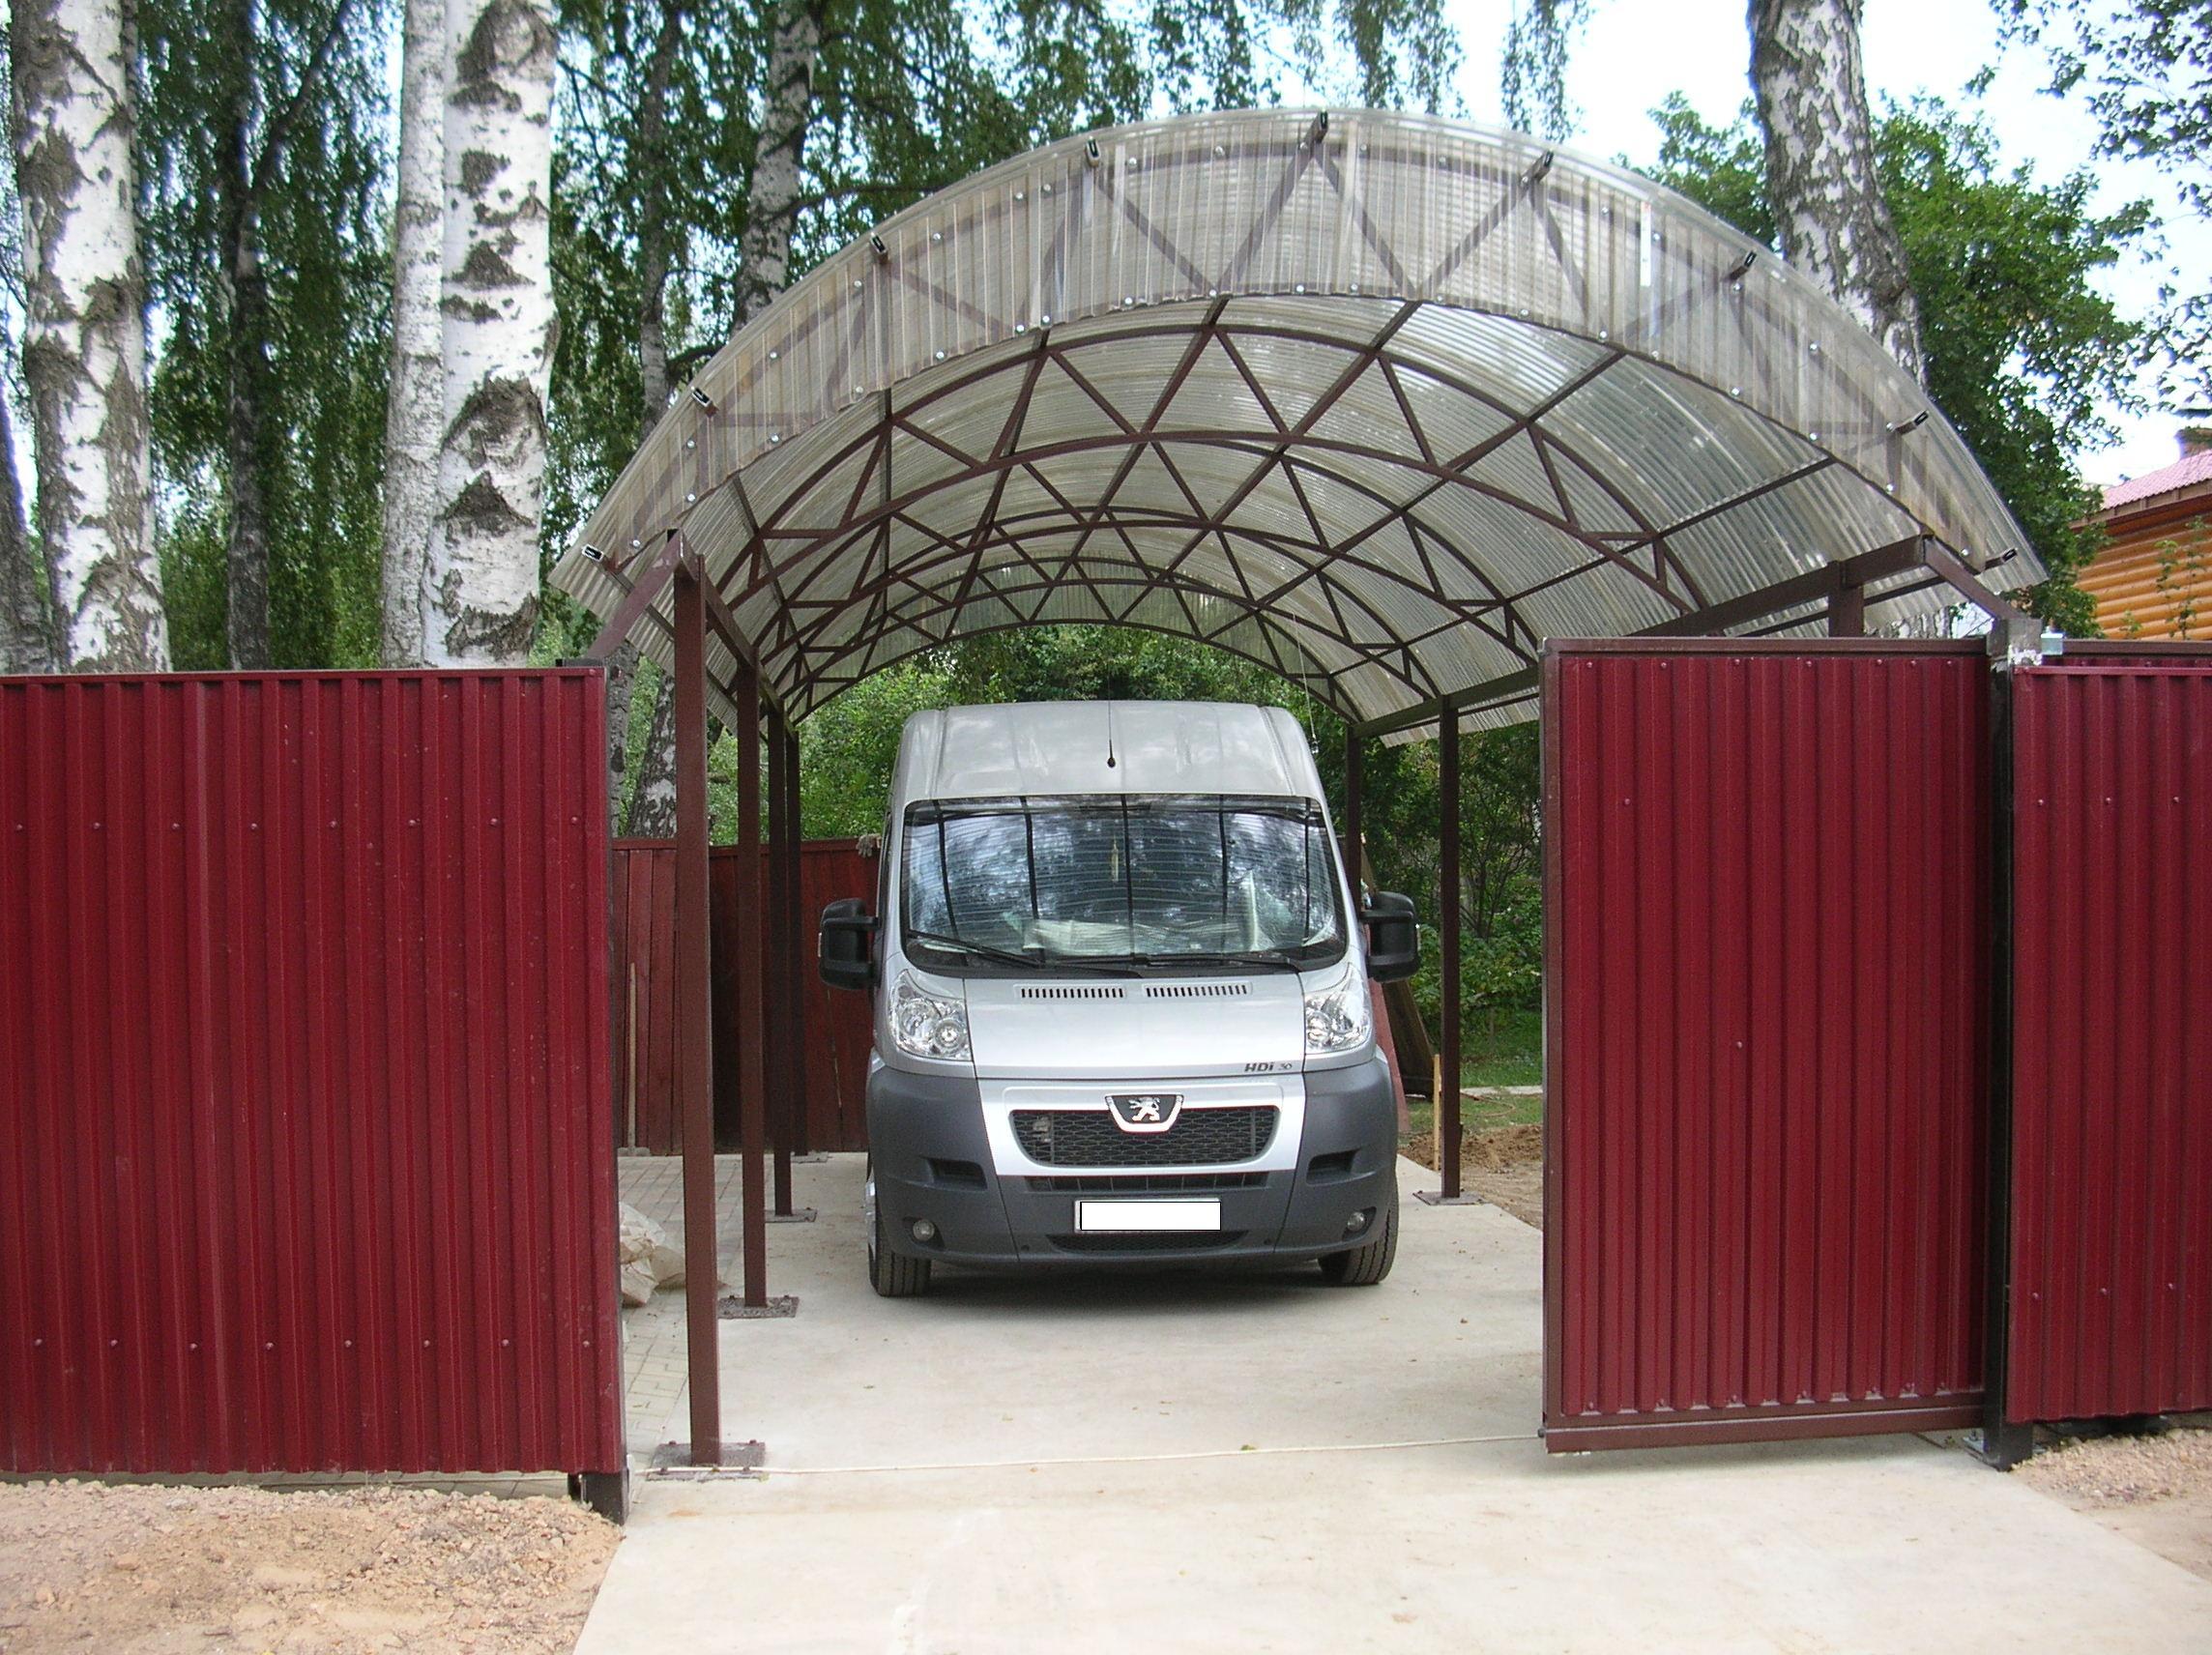 Откатные двери очень удобны и просты в использовании